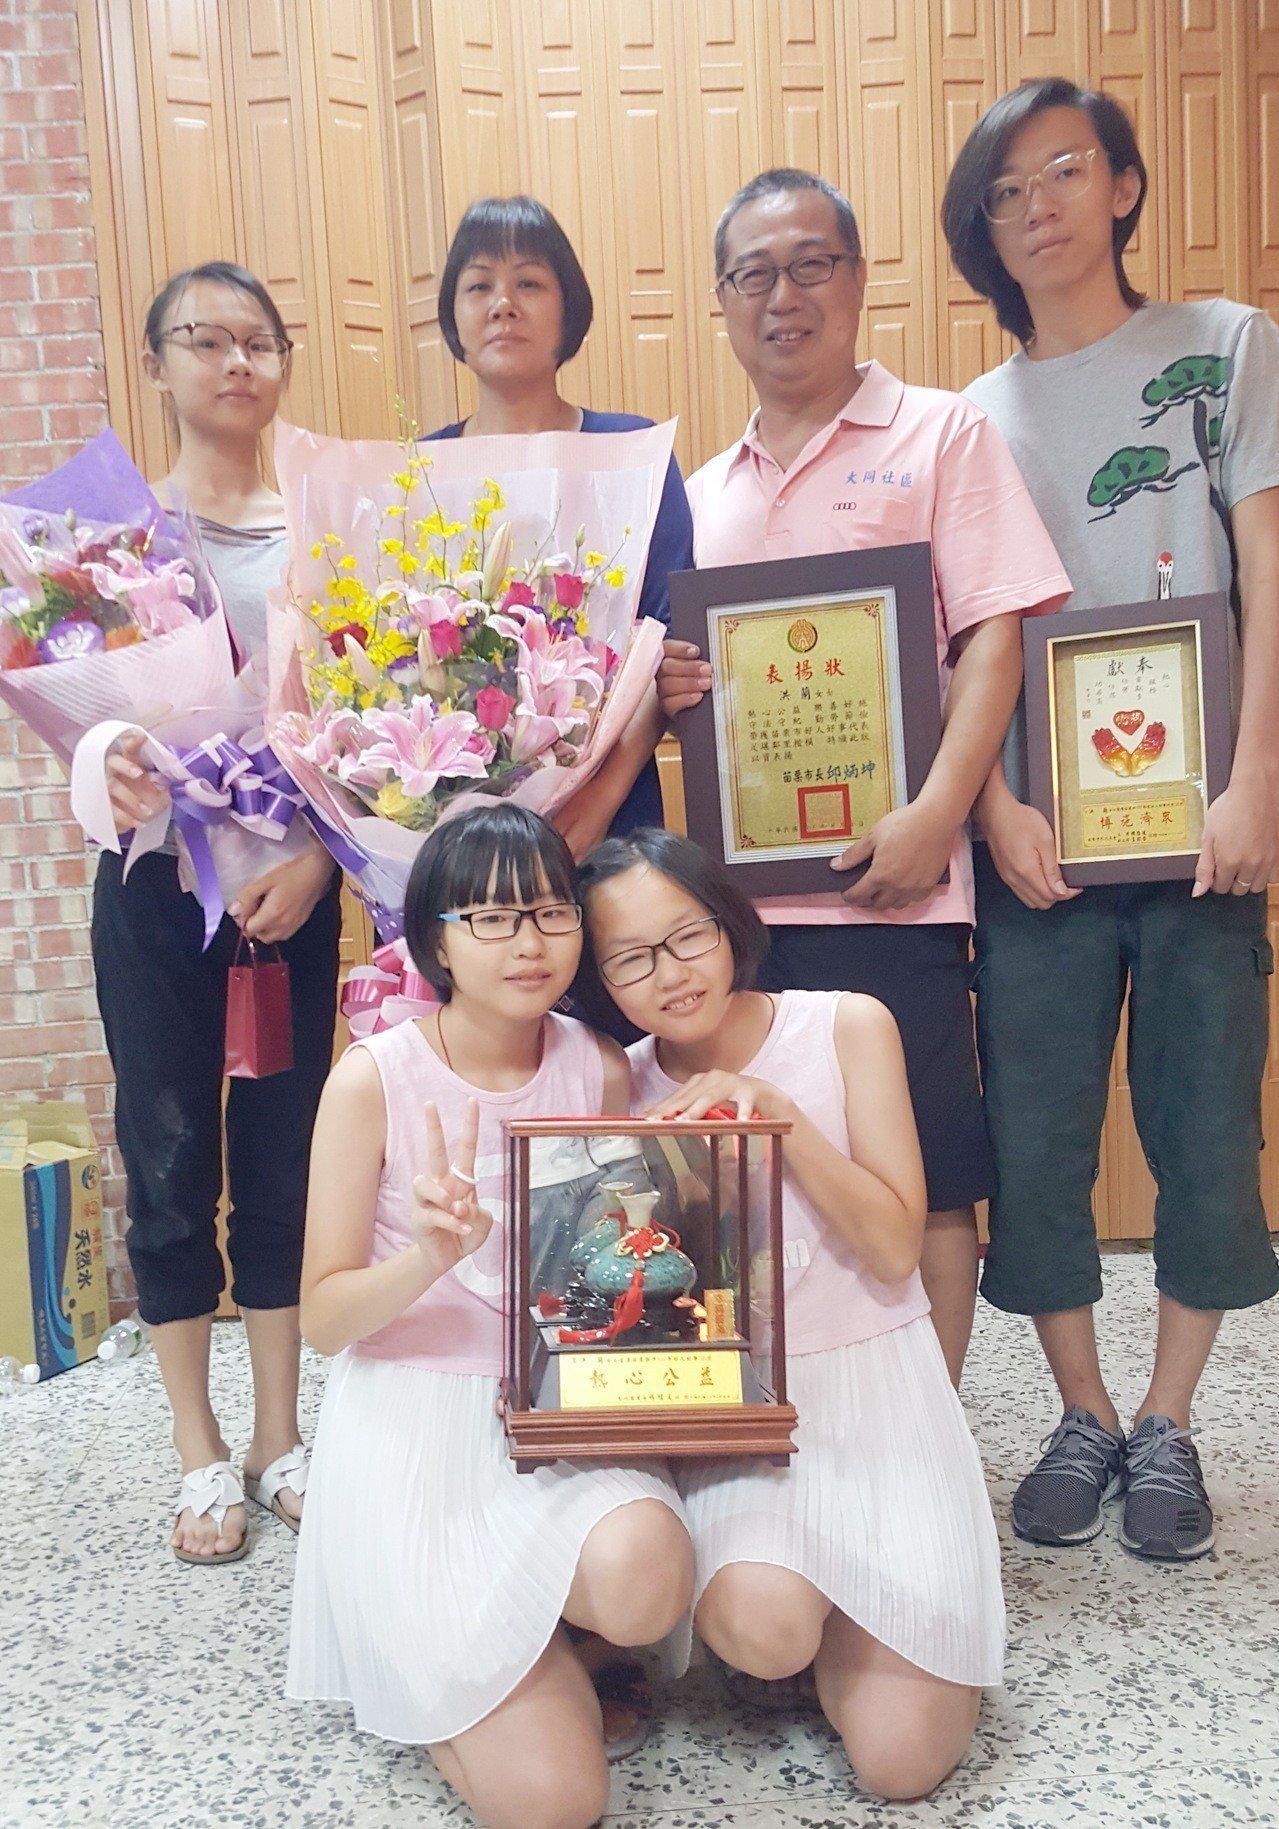 苗栗市好人好事代表洪蘭(後排左二)將對大陸家鄉父母的愛,放在台灣的志工工作上,熱...